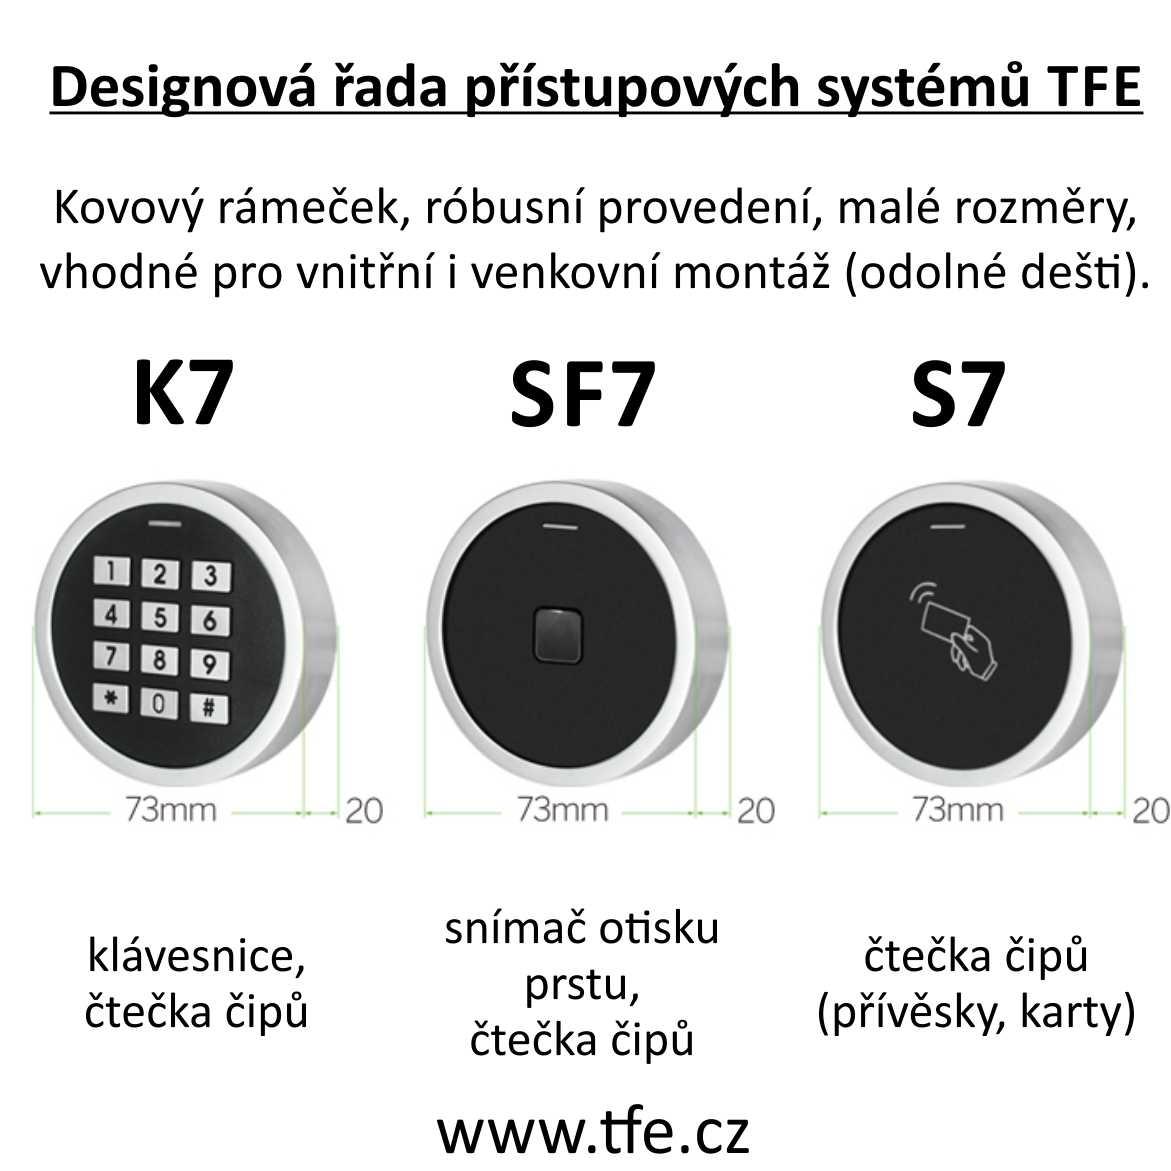 Přístupový systém K7 s klávesnicí a čtečkou RFID